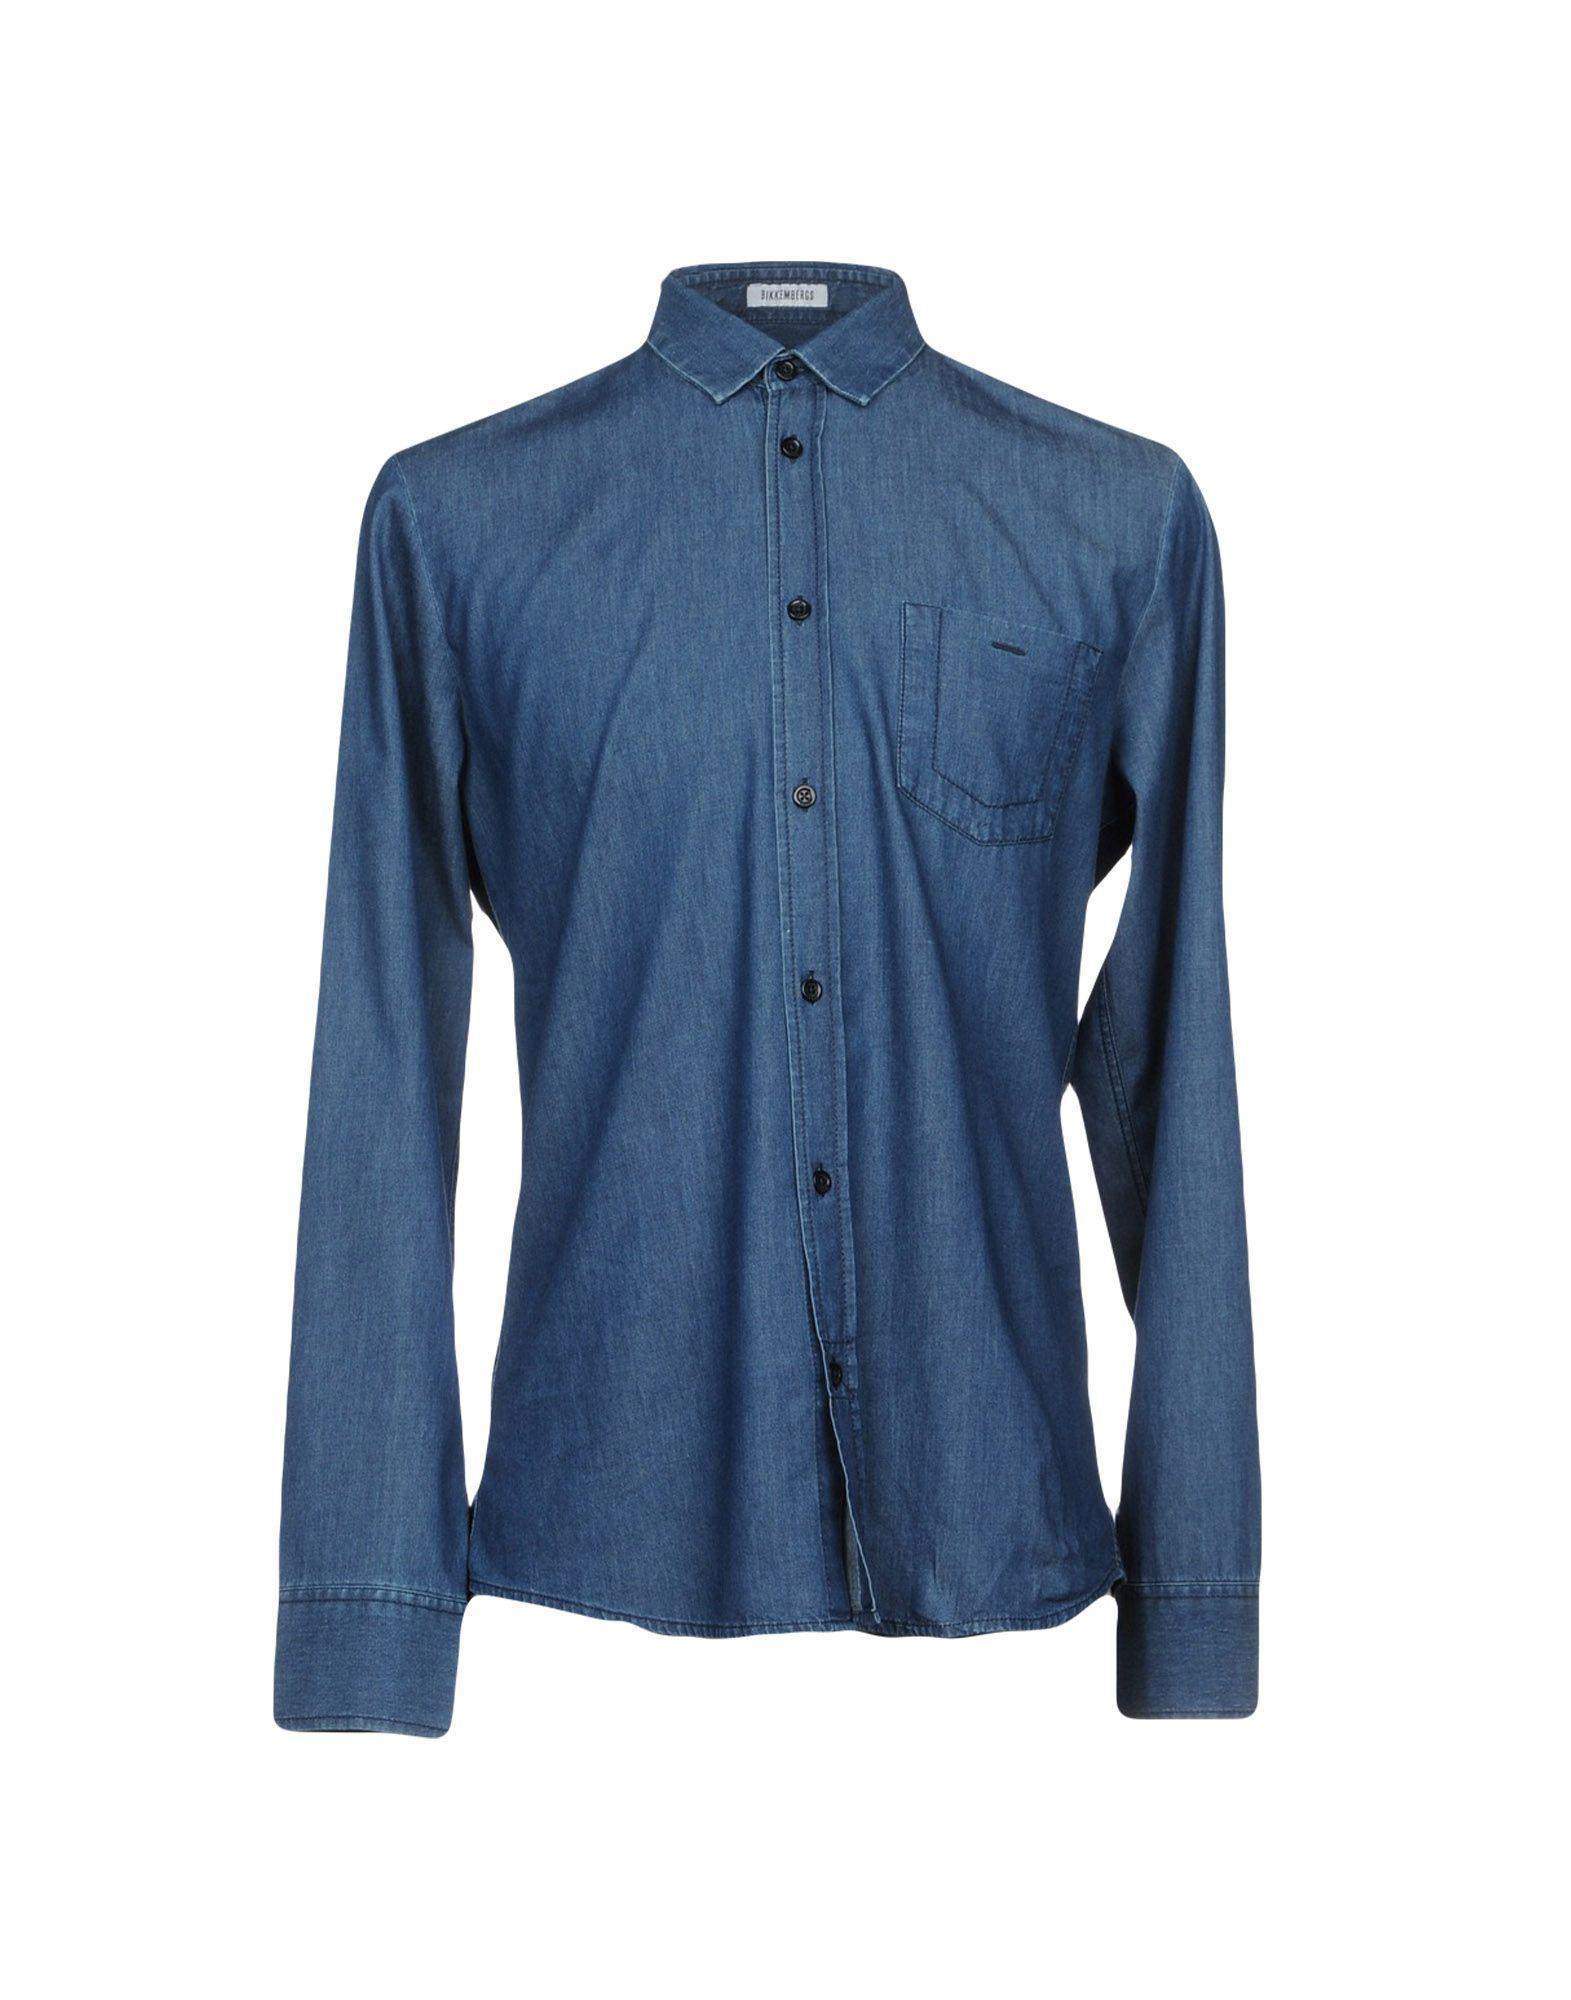 BIKKEMBERGS Джинсовая рубашка